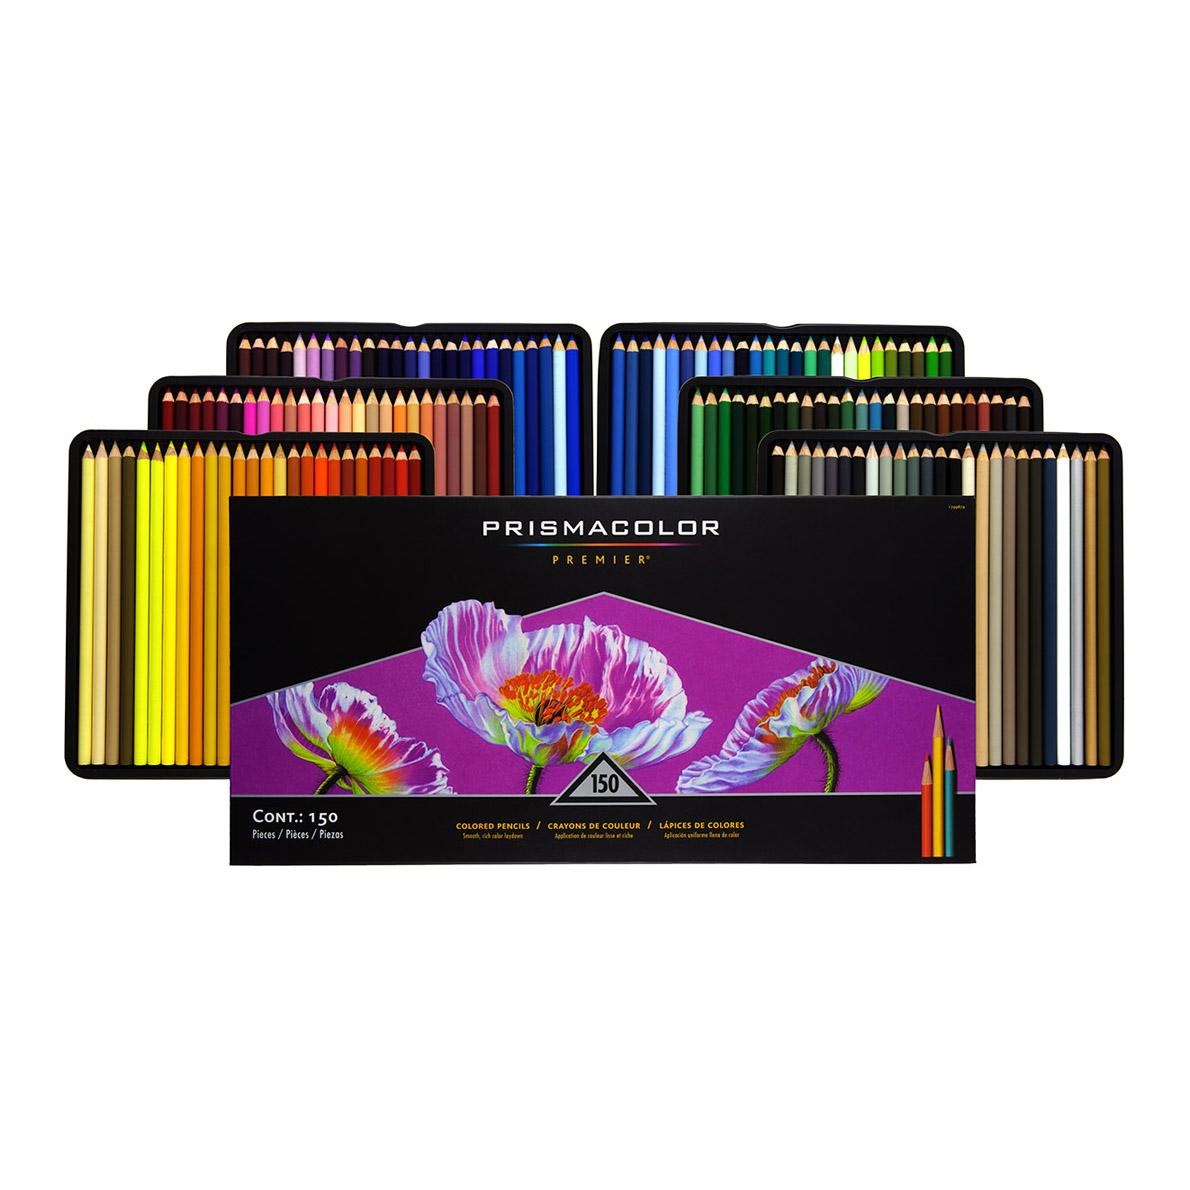 Prismacolor Premier Colored Pencils 150 Set 070735003843 02